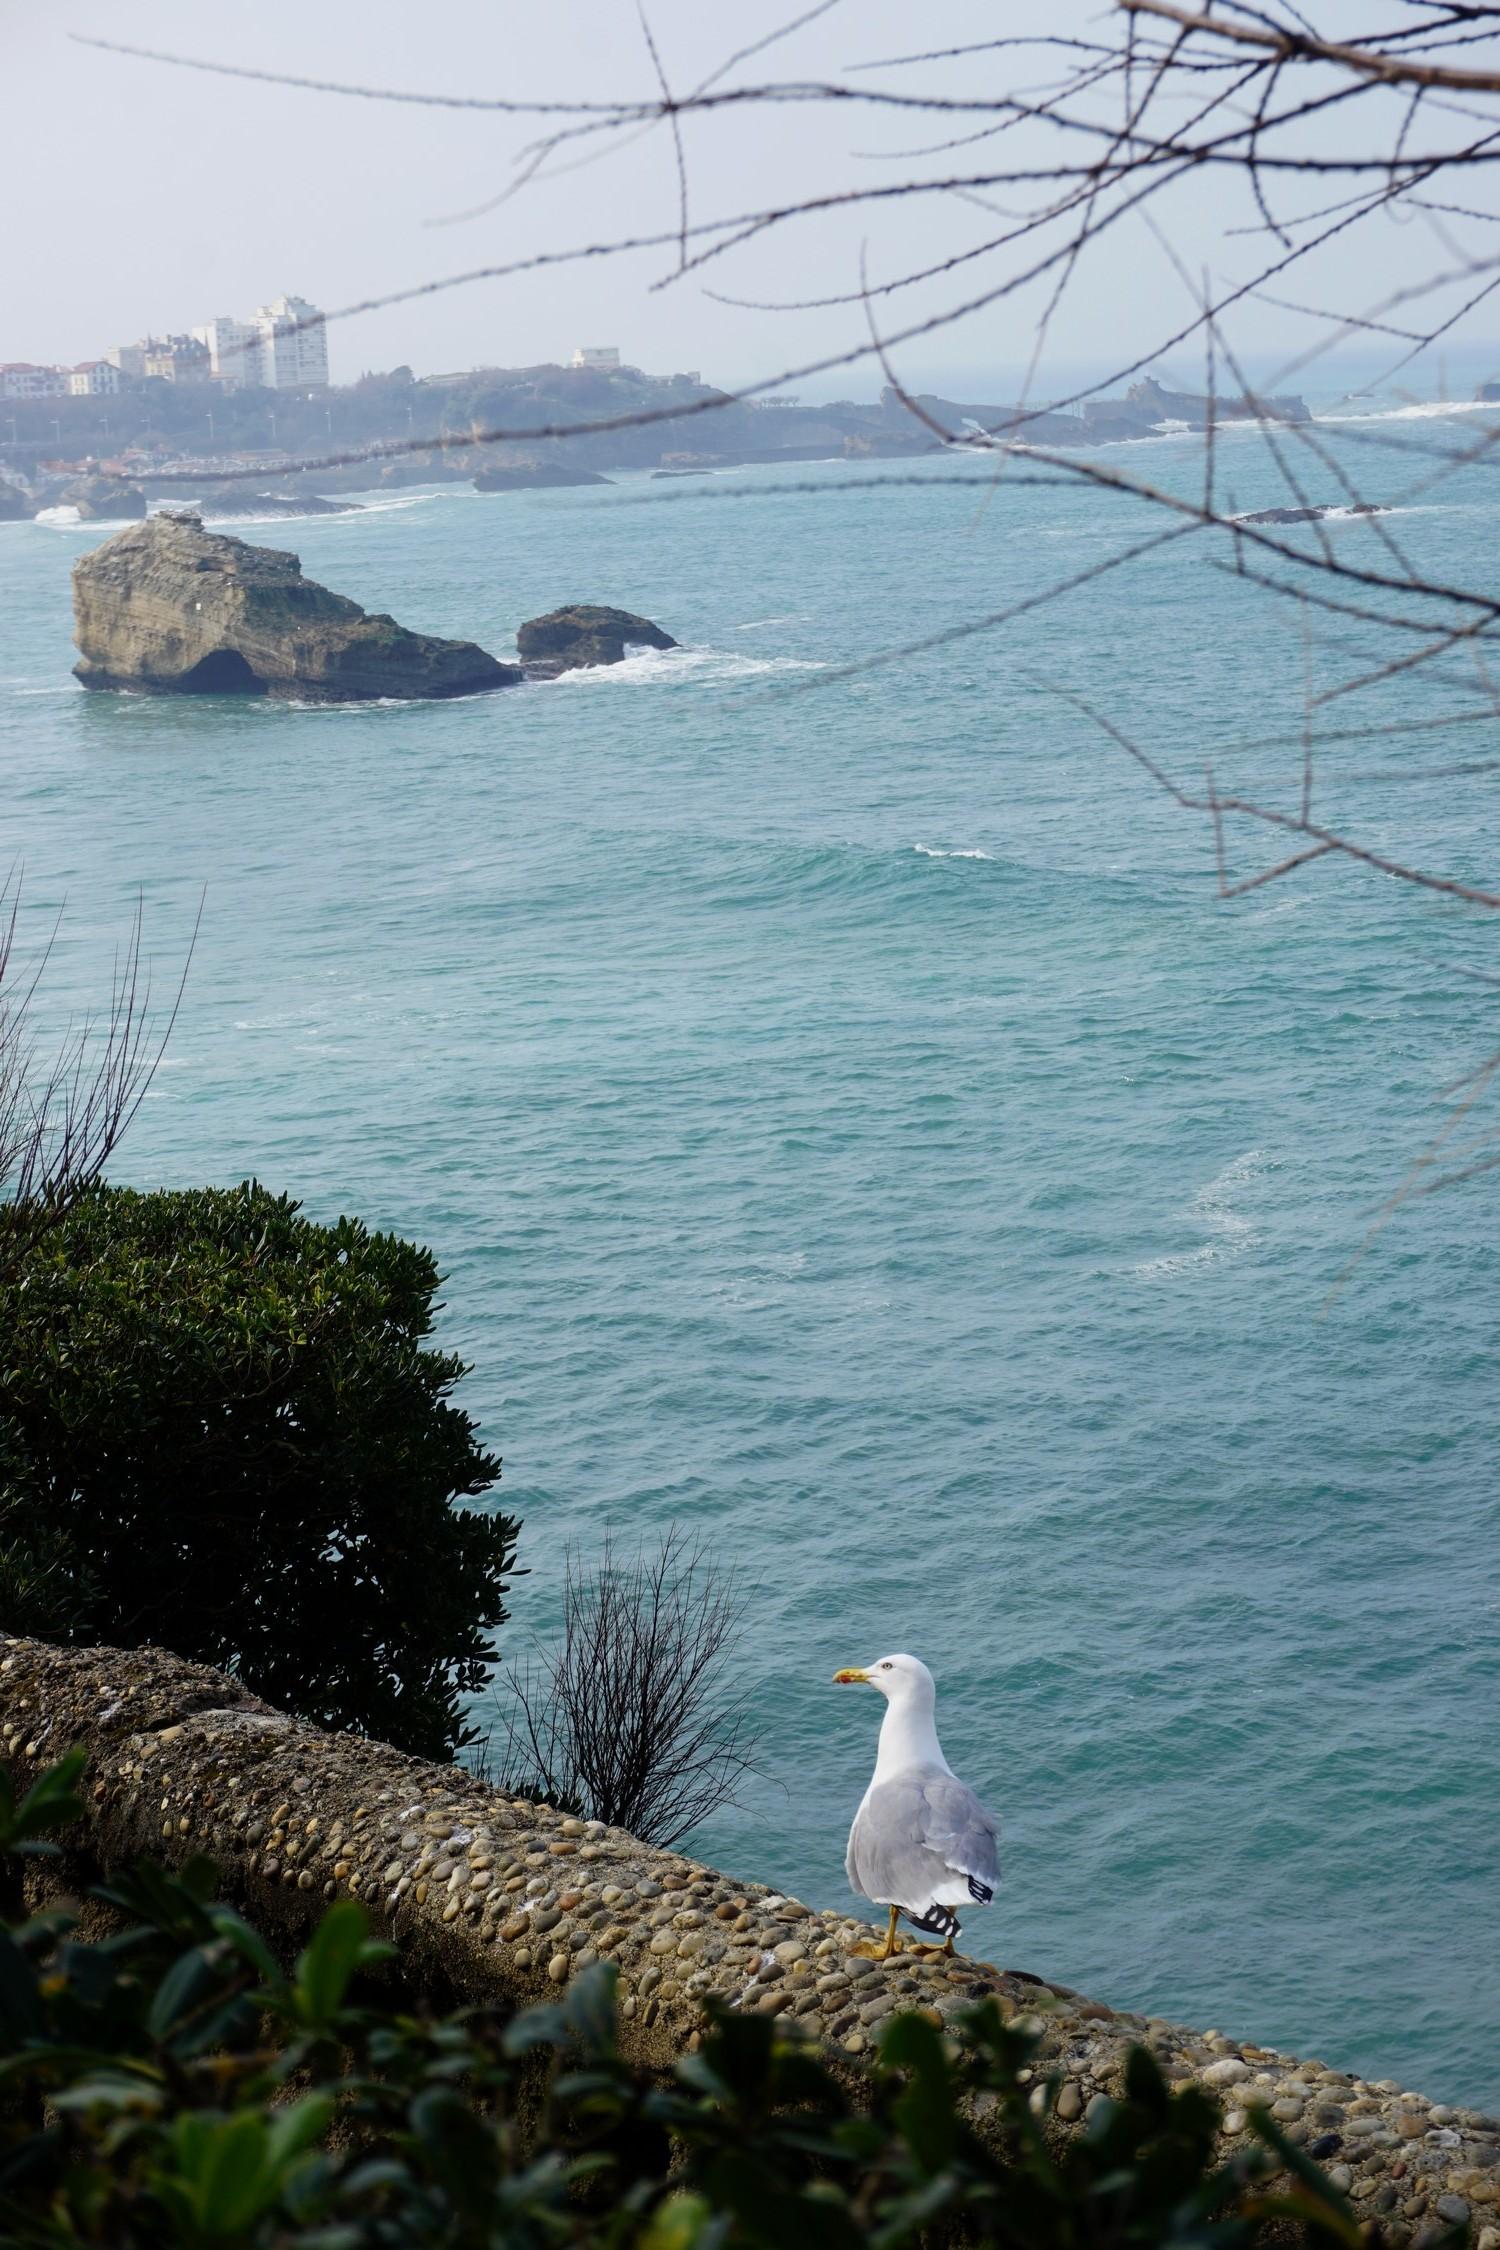 RANDONNEE PHARE DE BIARRITZ PAYS BASQUE BLOG COUPLE TOURISME VOYAGE FRANCE WEEK END EN AMOUREUX 21